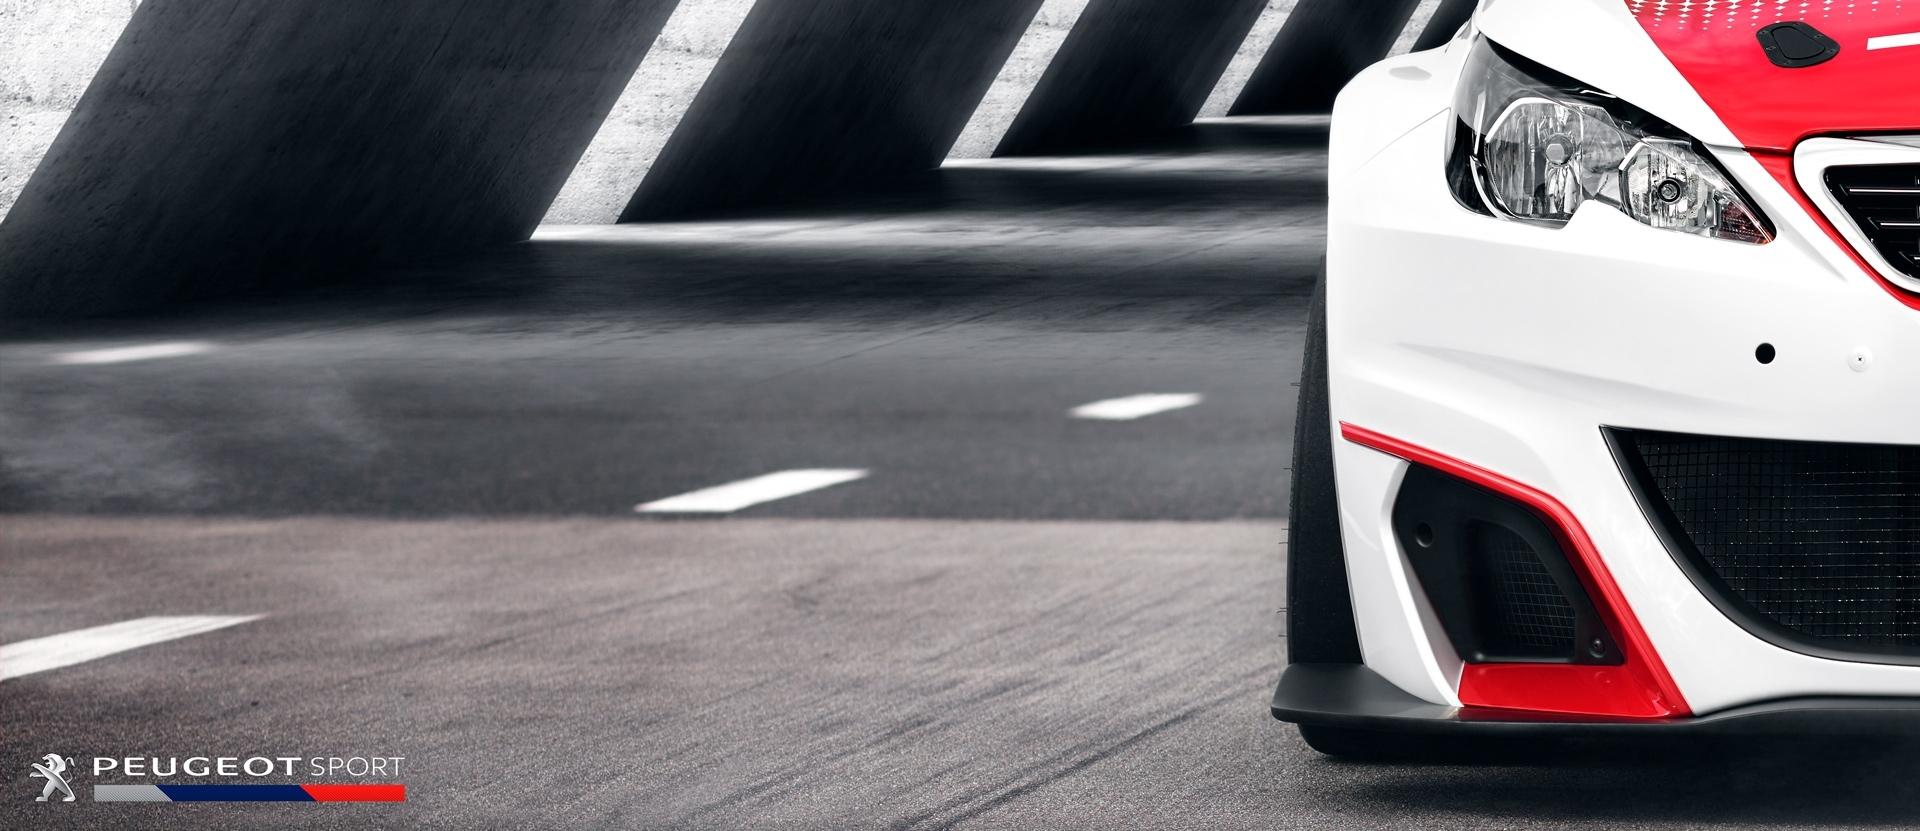 frederic mercier fashion photographer one color publicite packshot automobile voiture supercar peugeot rc sport